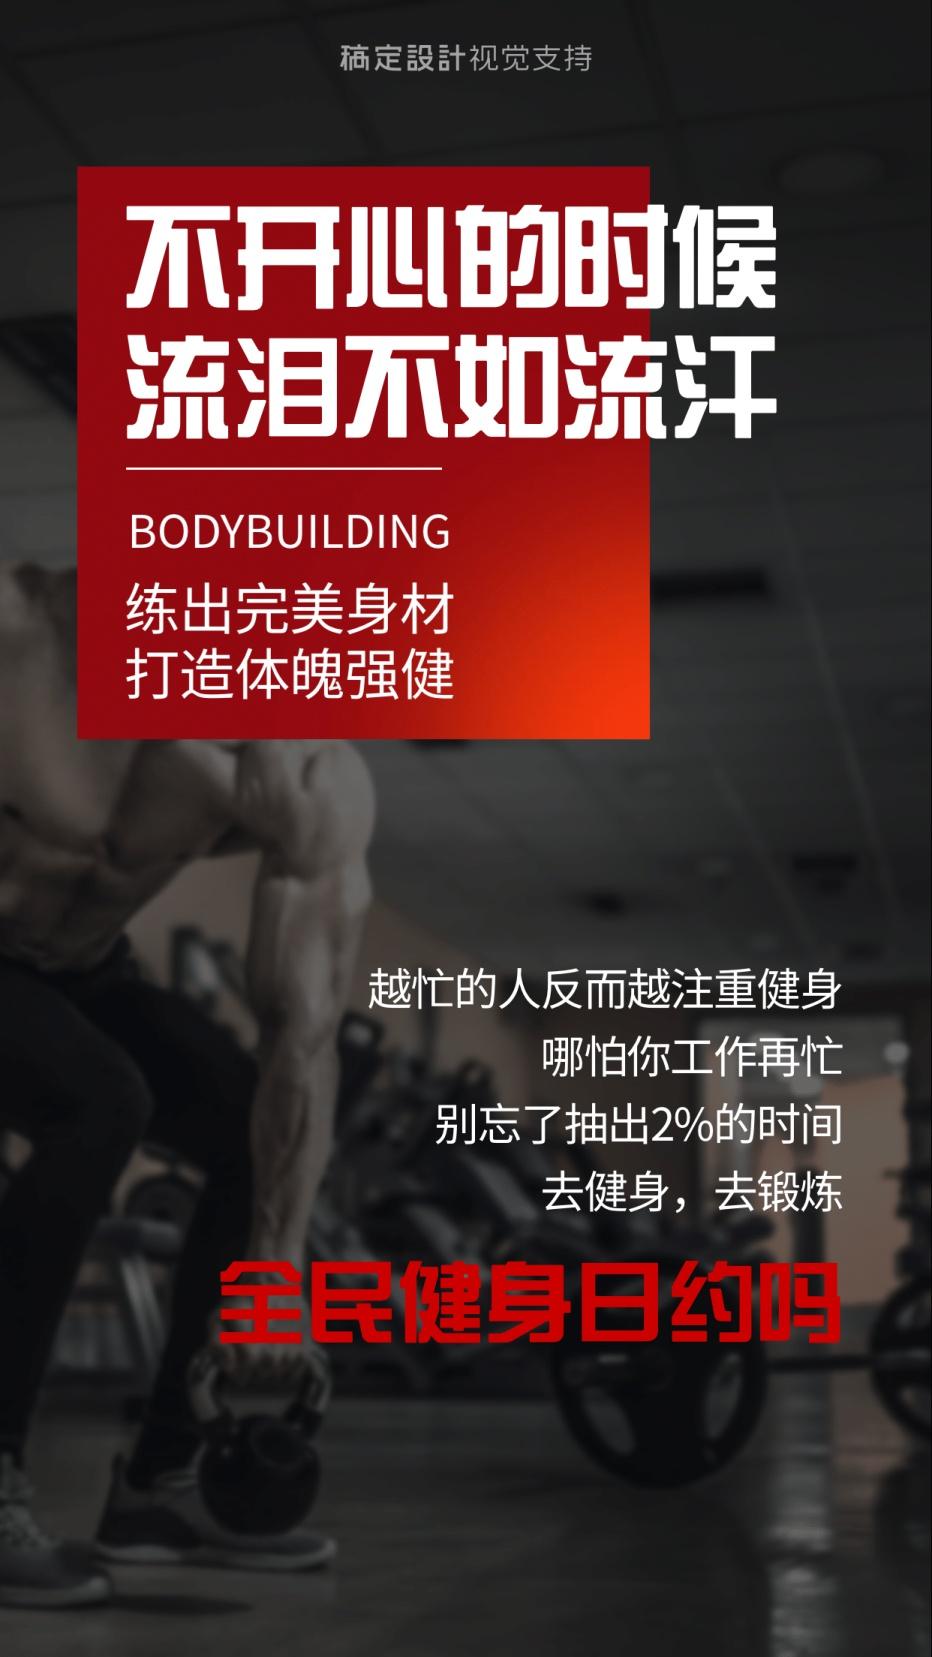 美体健身实体店预约海报模板